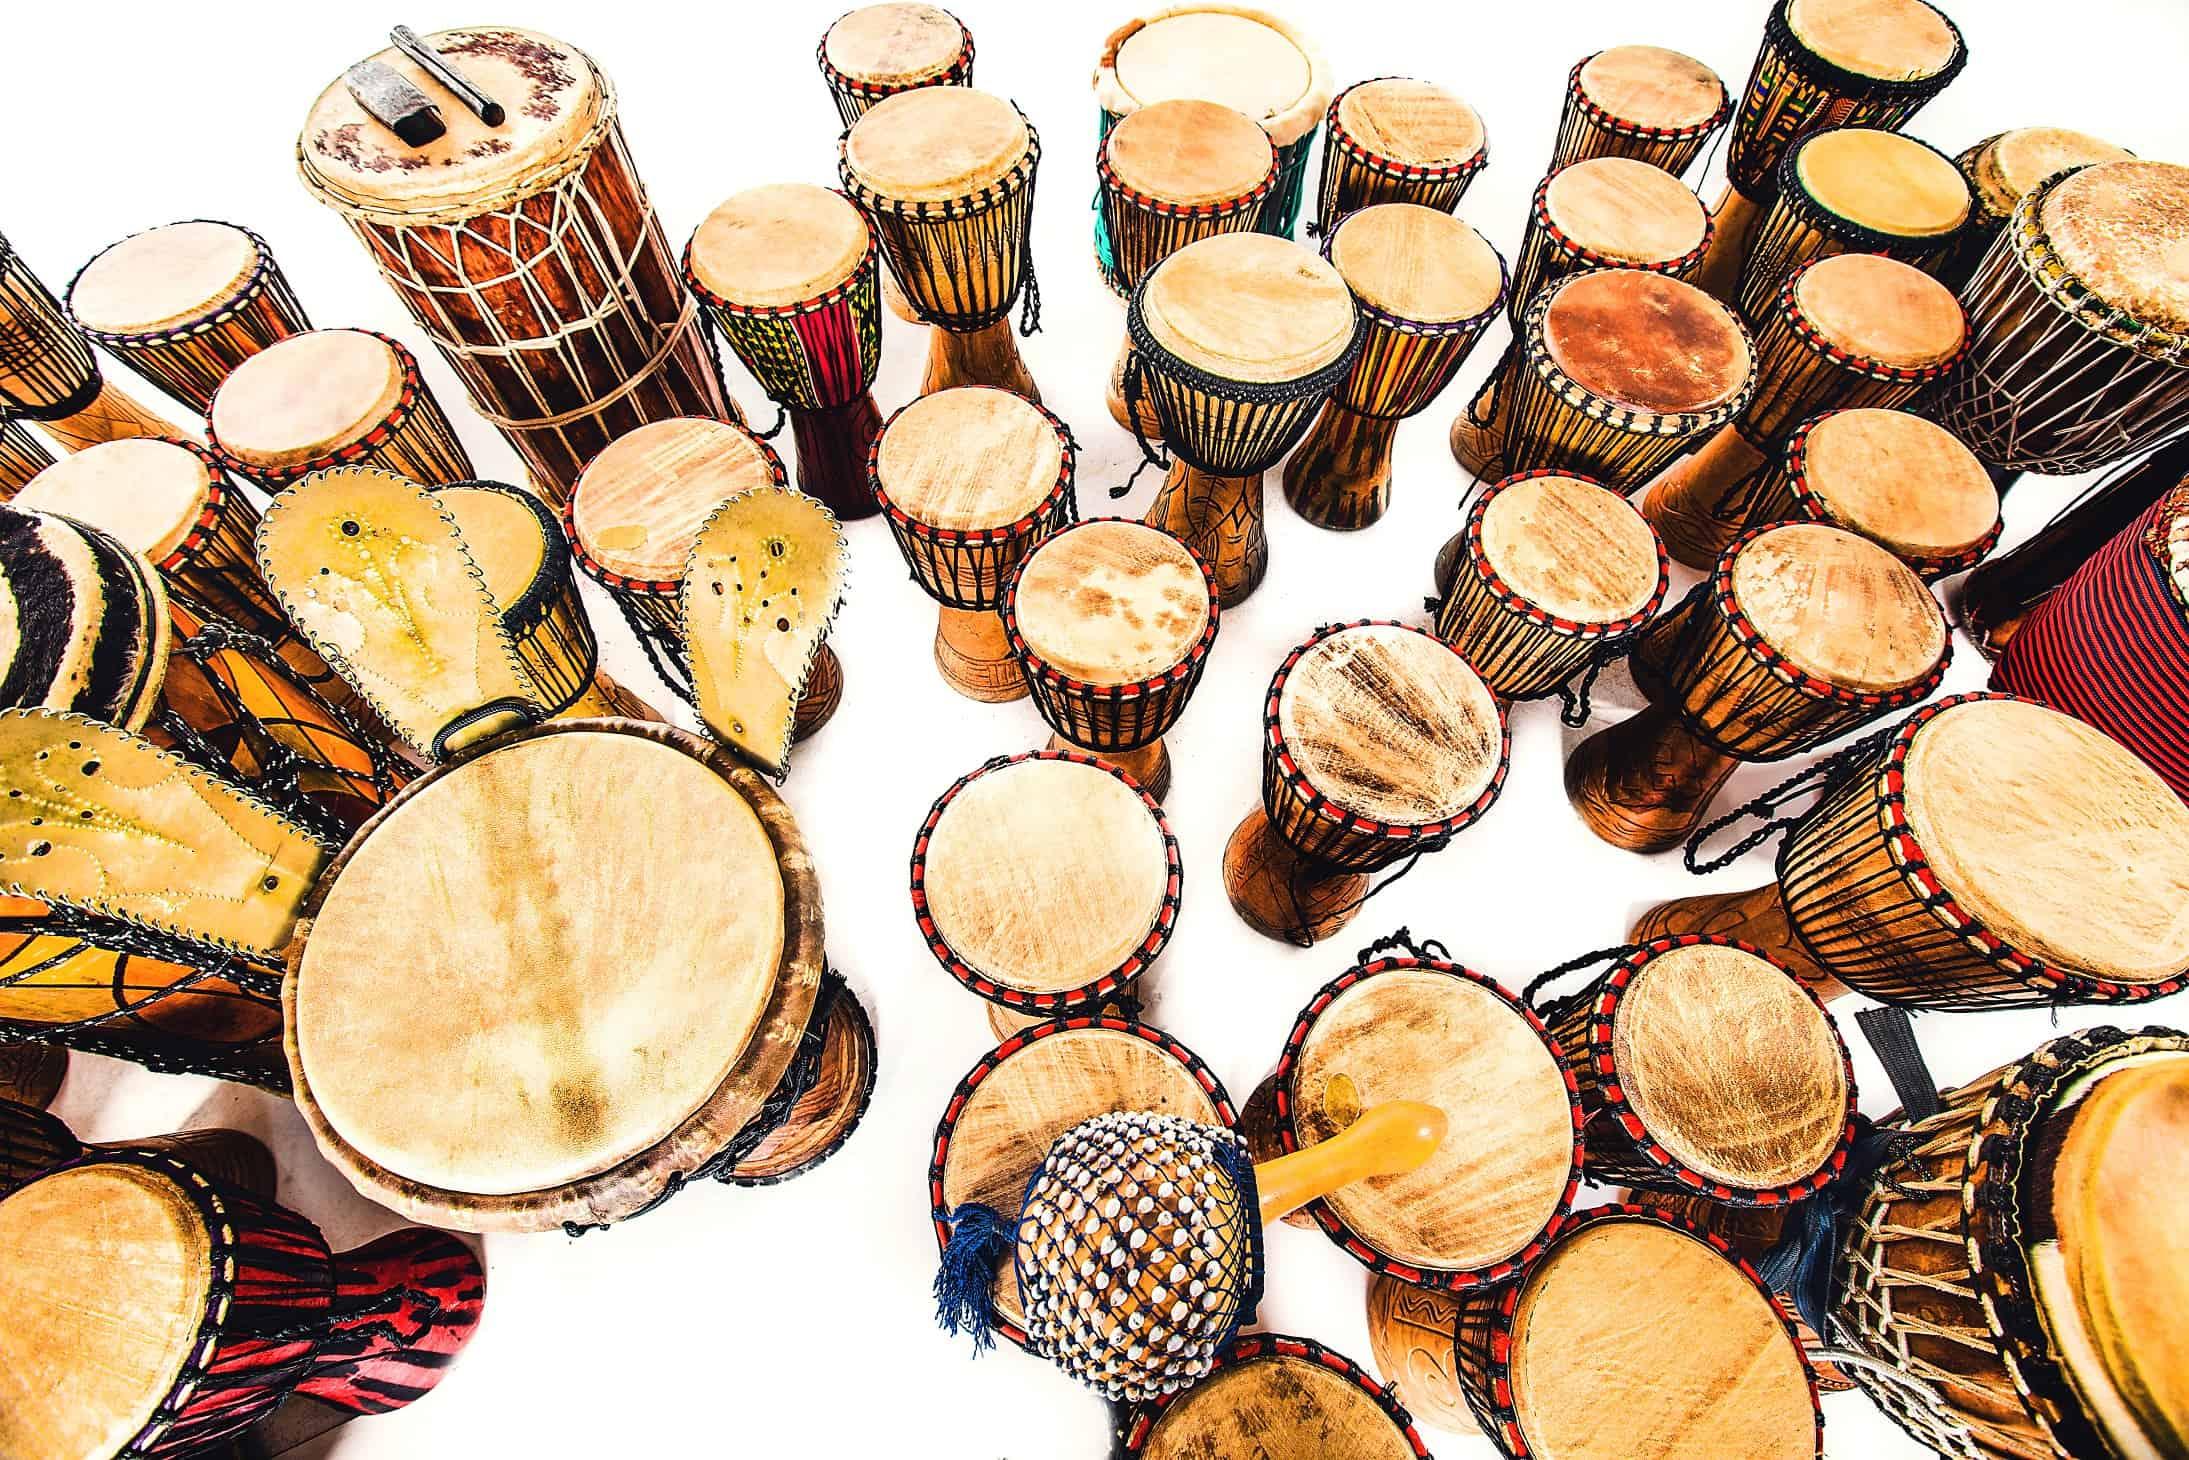 wypozyczalnia-bebnow-wypozyczenie-djembe